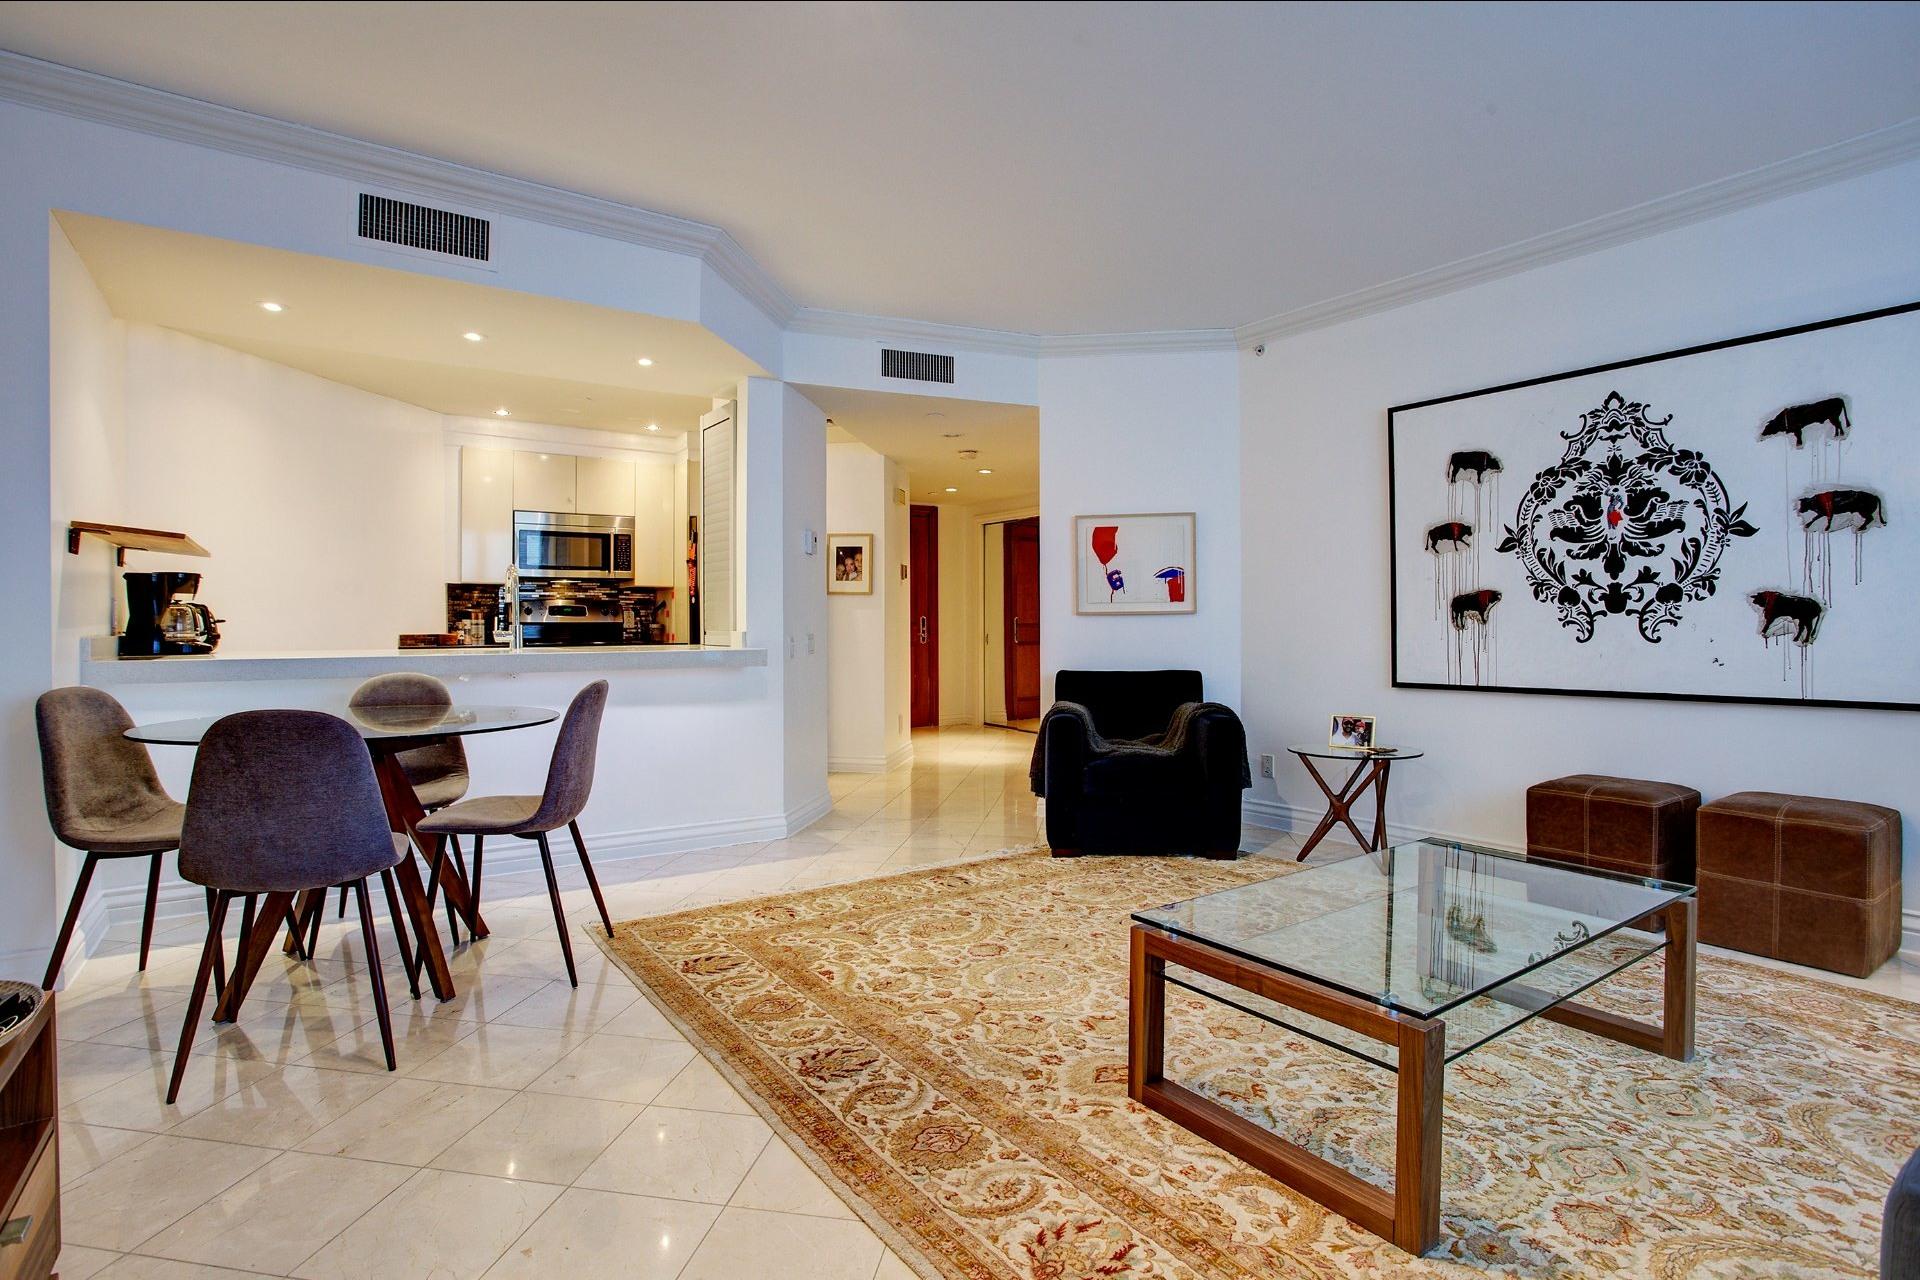 image 7 - Appartement À louer Montréal Ville-Marie  - 4 pièces